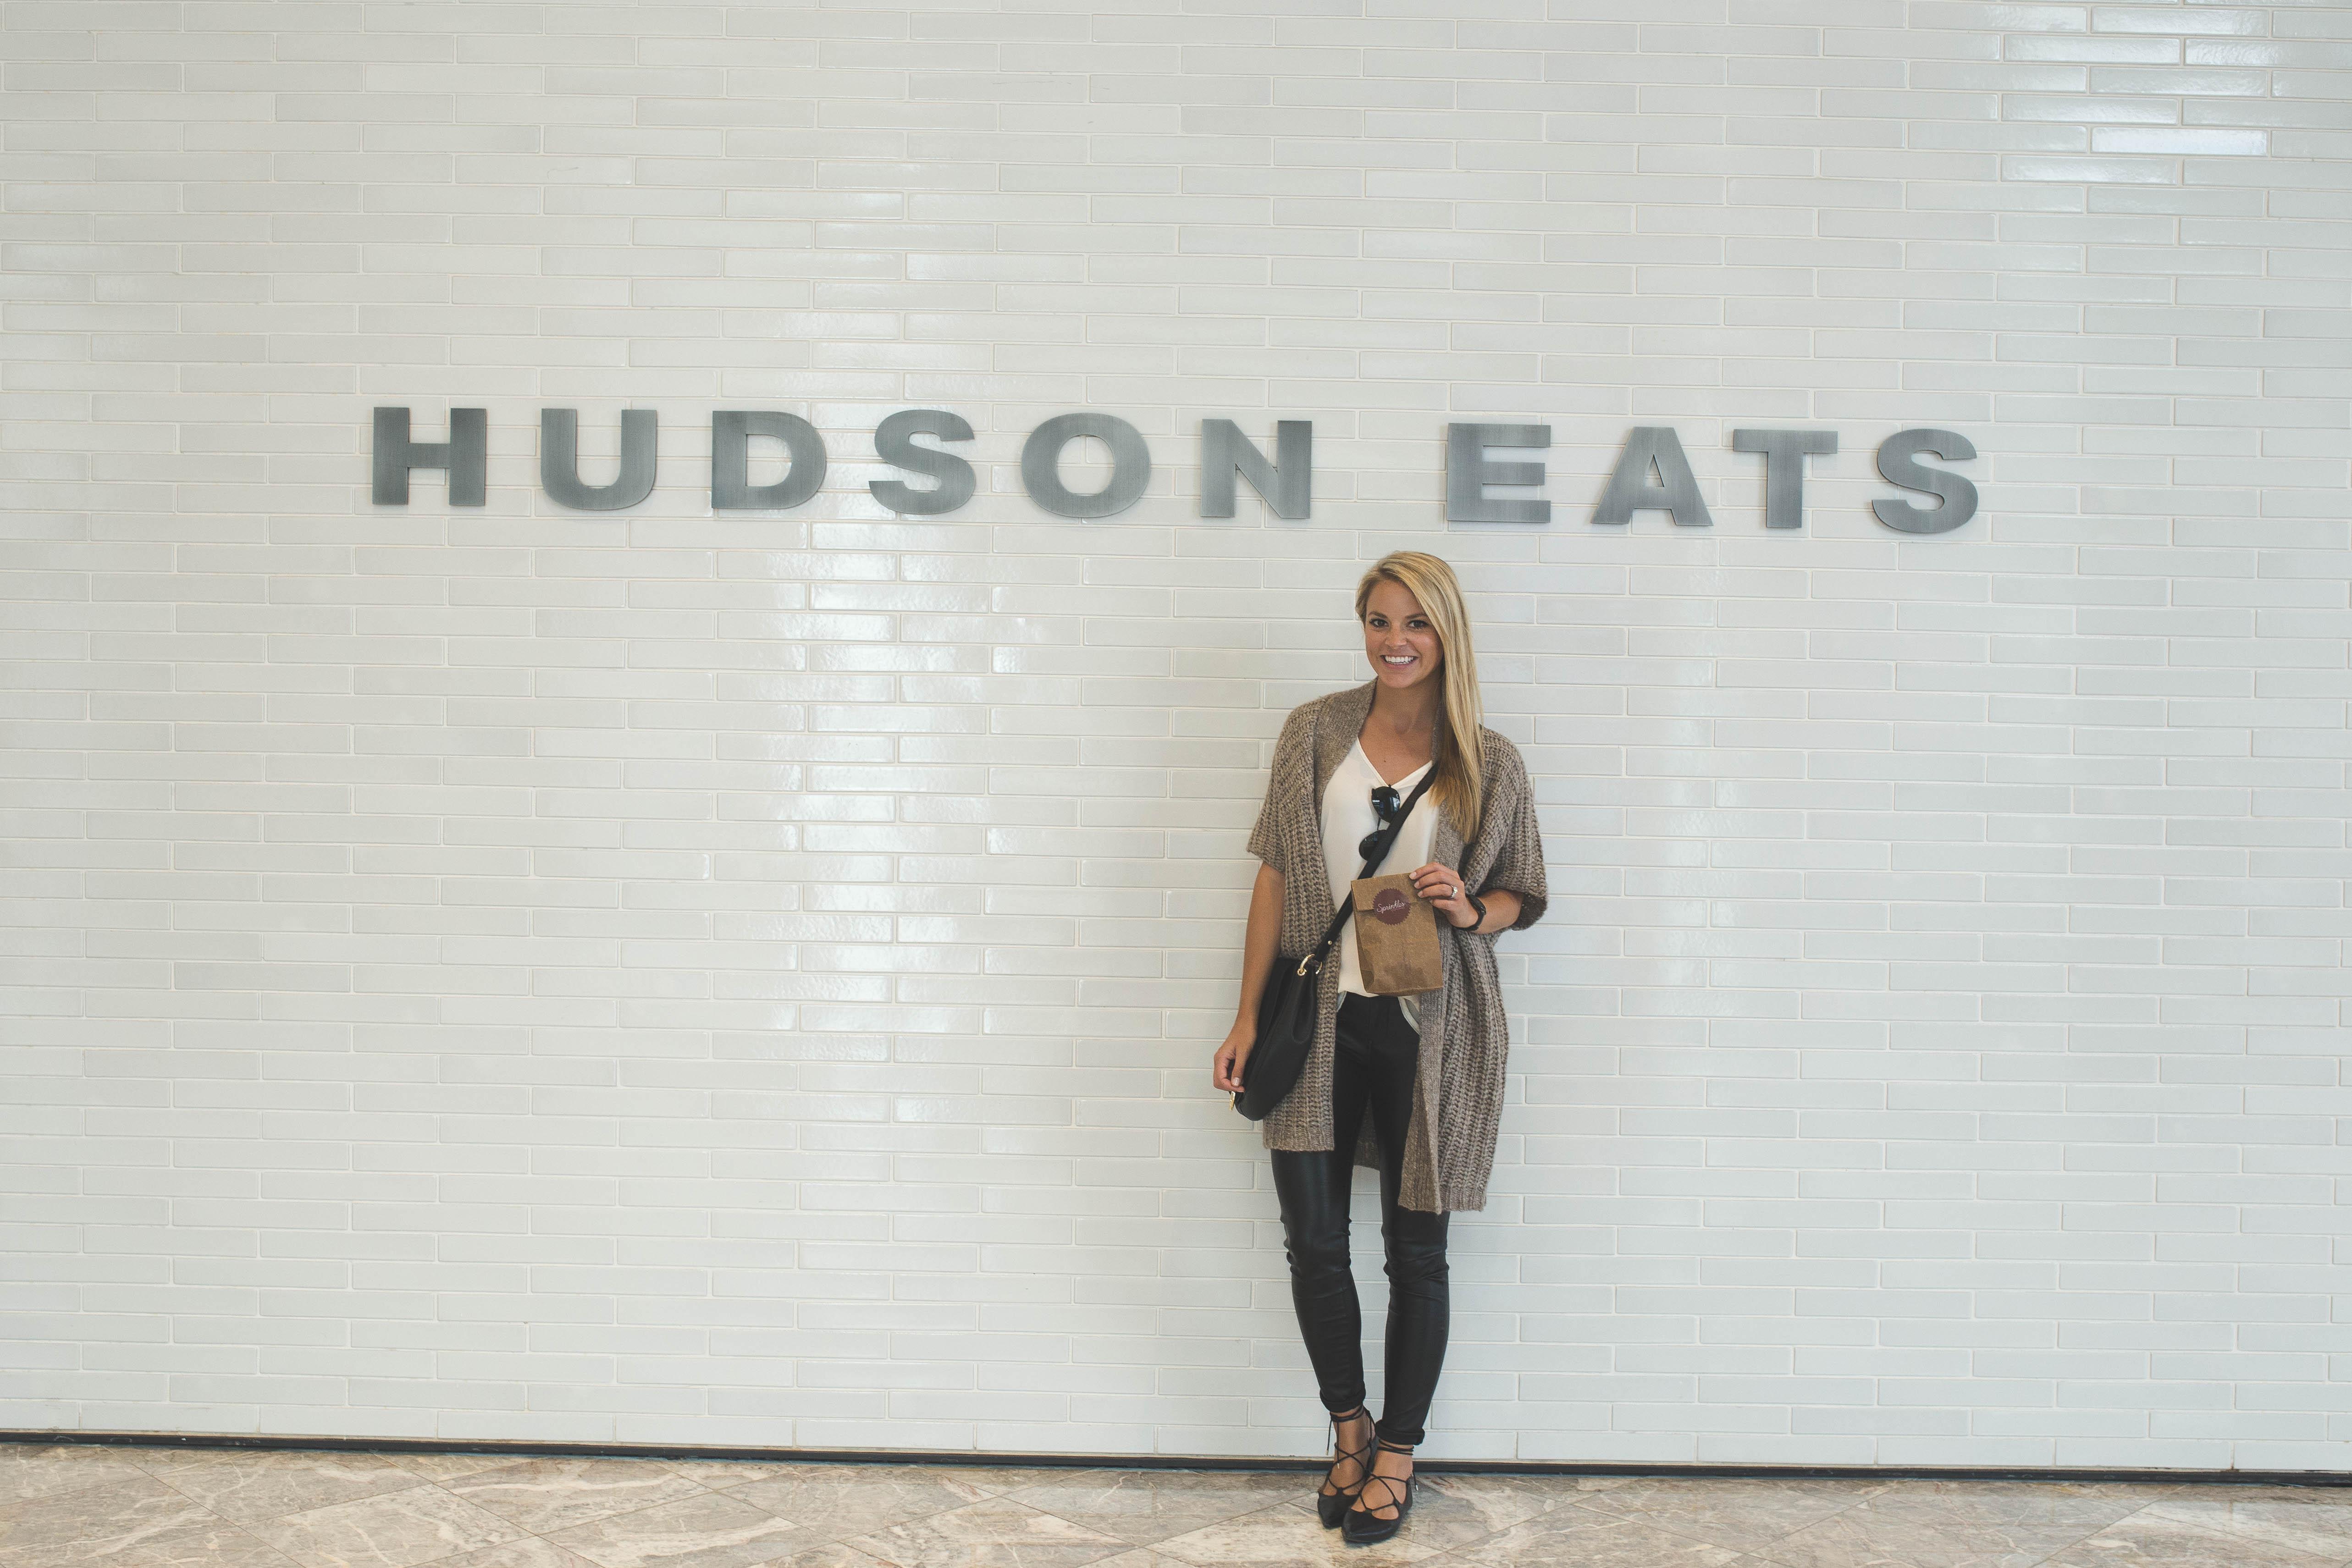 hudson-eats